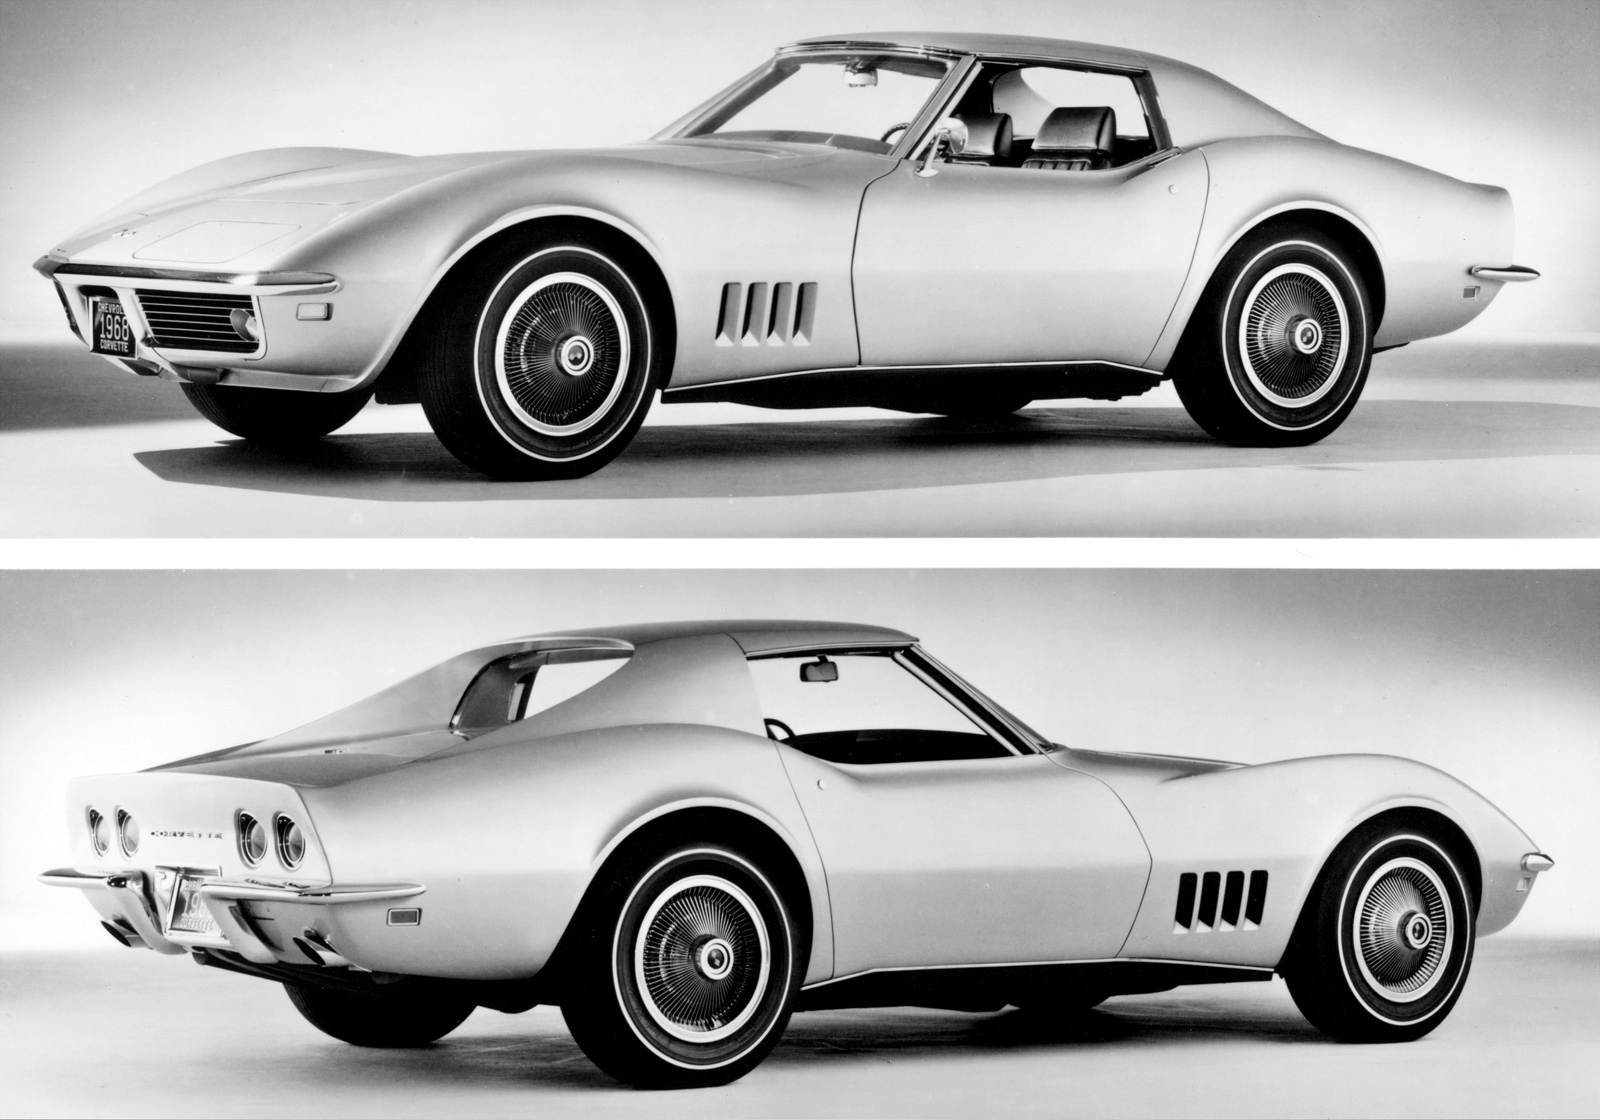 Corvette-C3-1968